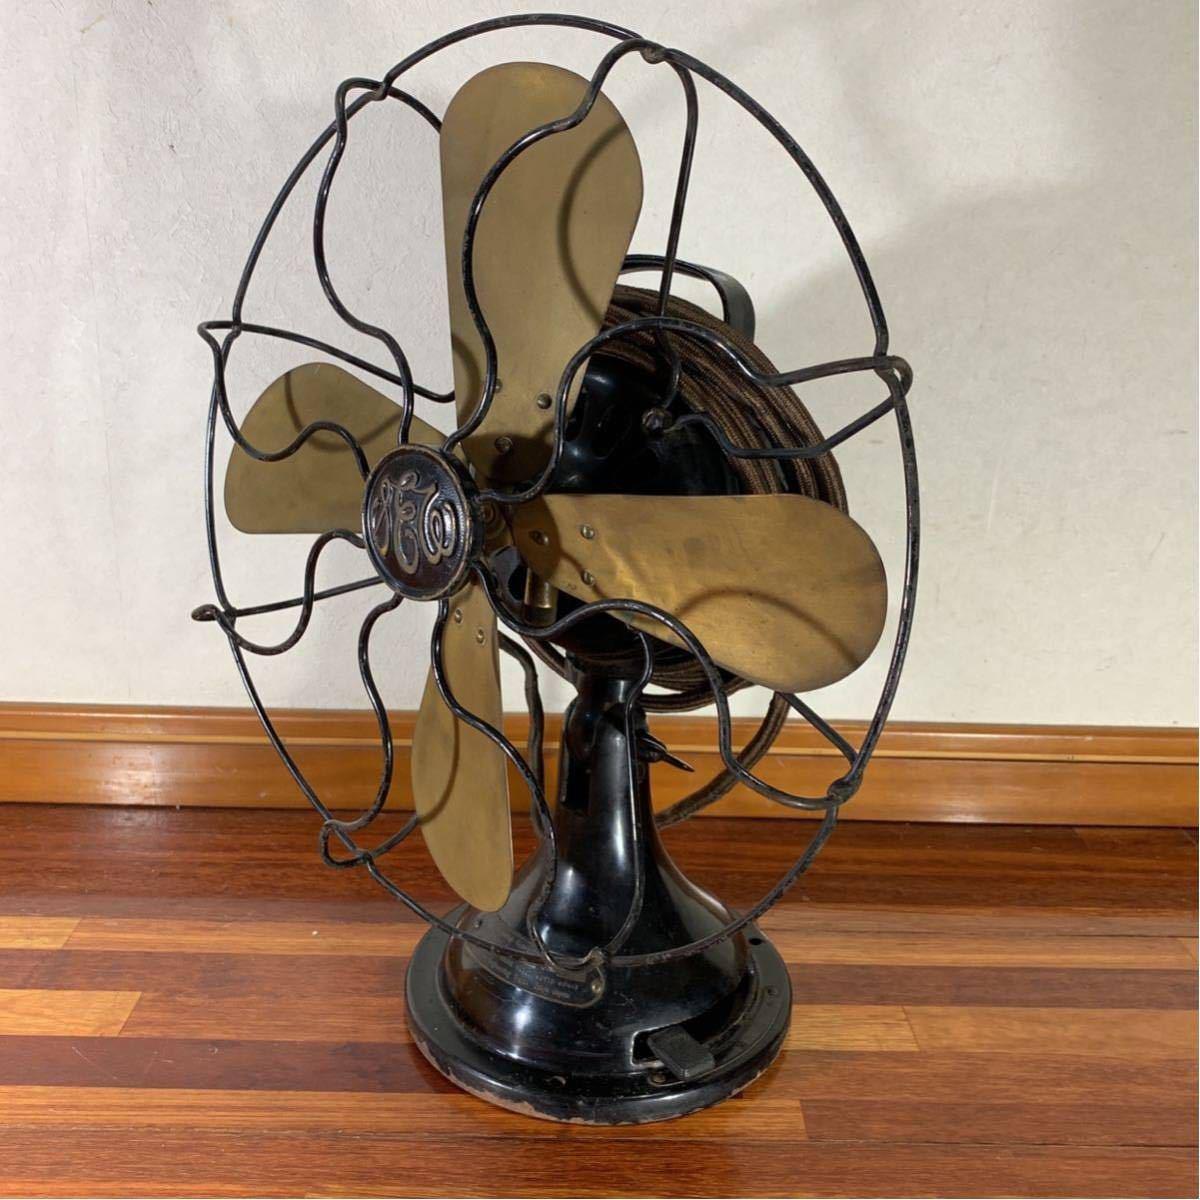 芝浦 扇風機 真鍮 4枚羽 レトロ アンティーク 浪漫 昭和